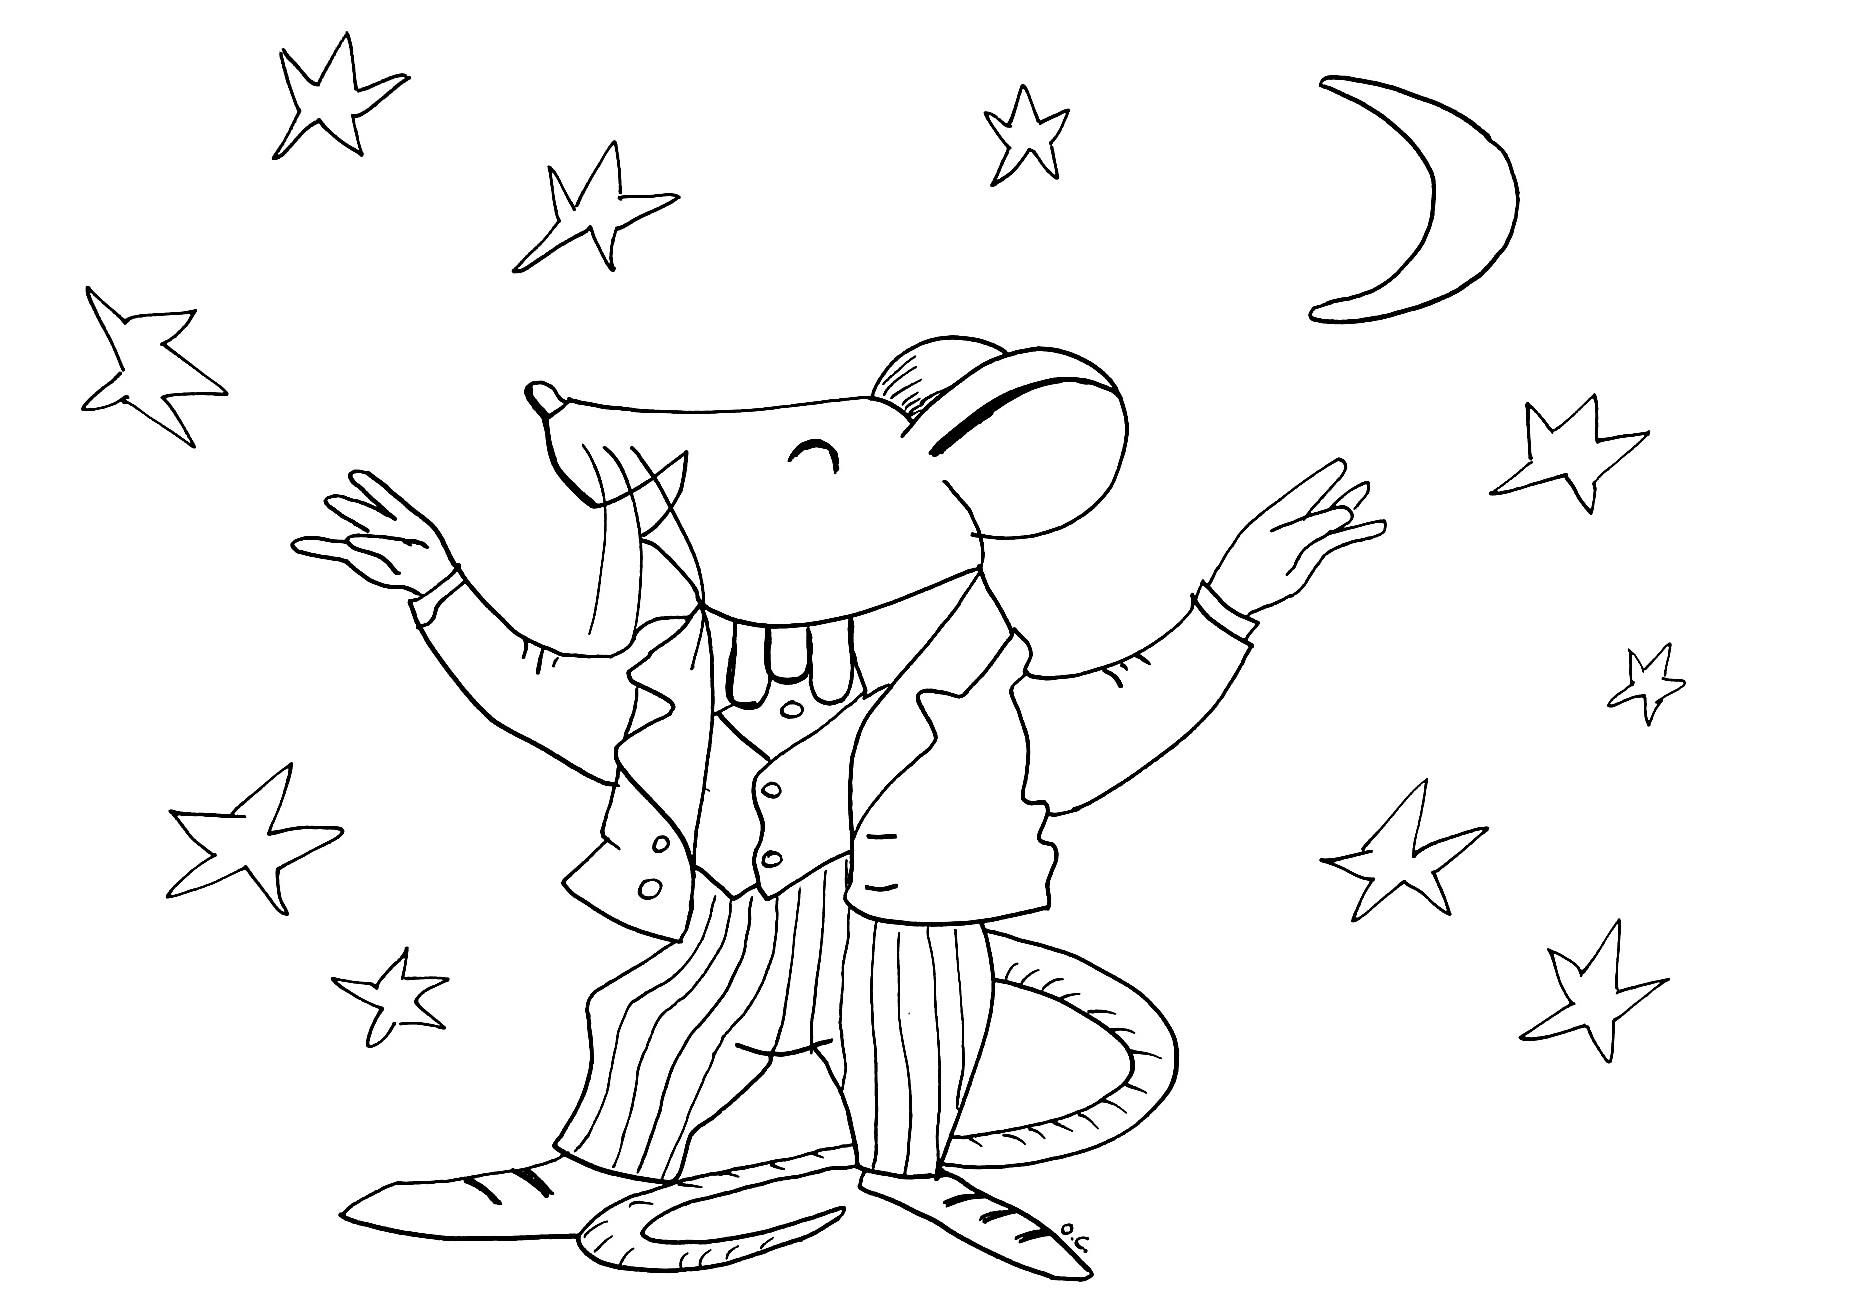 Souris coloriage de souris coloriages pour enfants - Souris coloriage ...